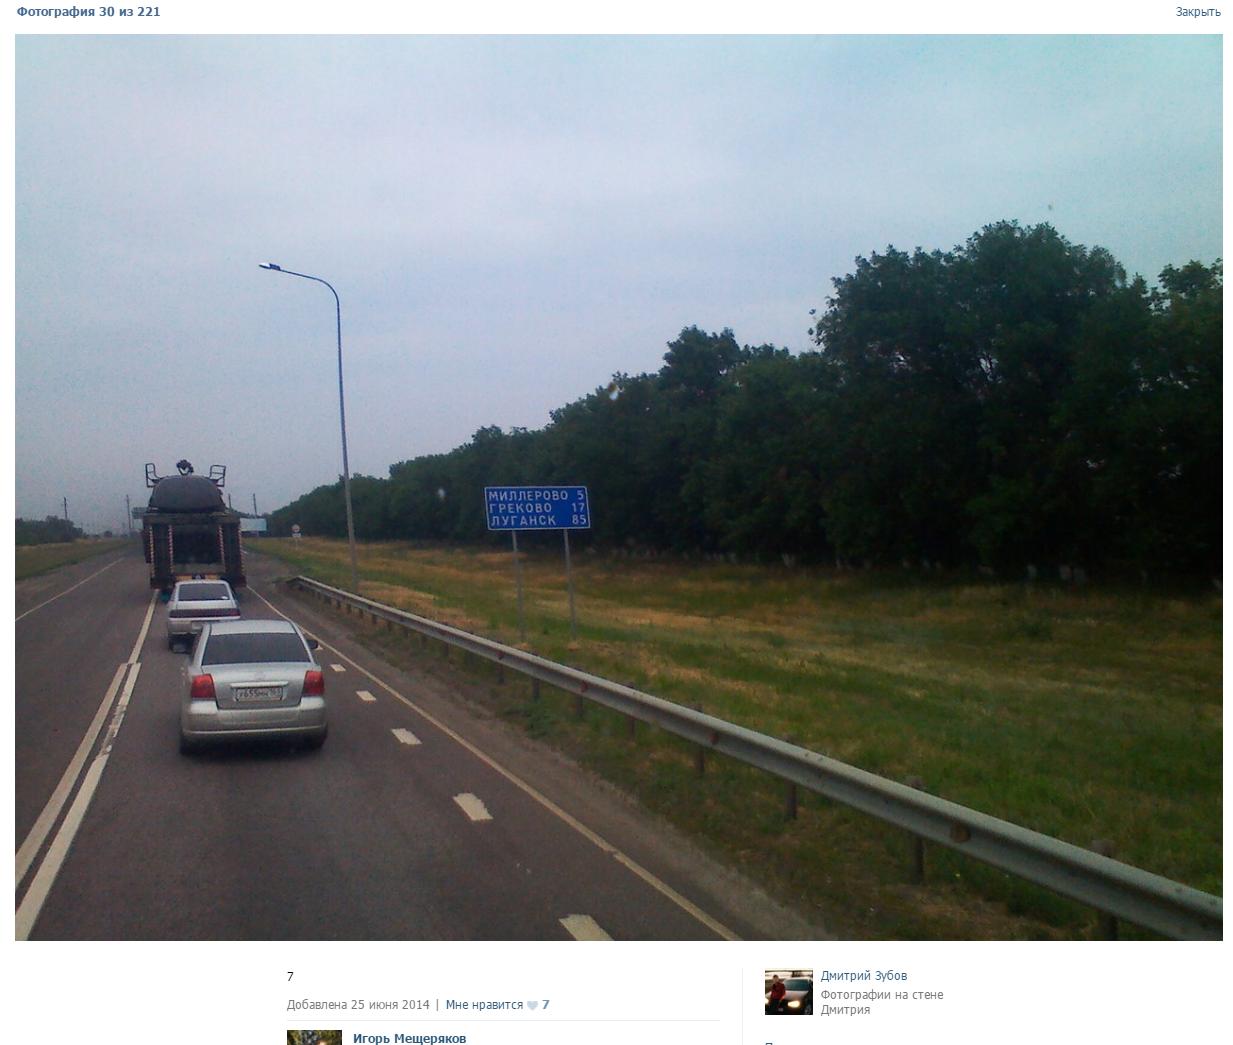 Украинские воины не покинут Широкино, пока террористы не прекратят обстрелы, - спикер АТО - Цензор.НЕТ 4608